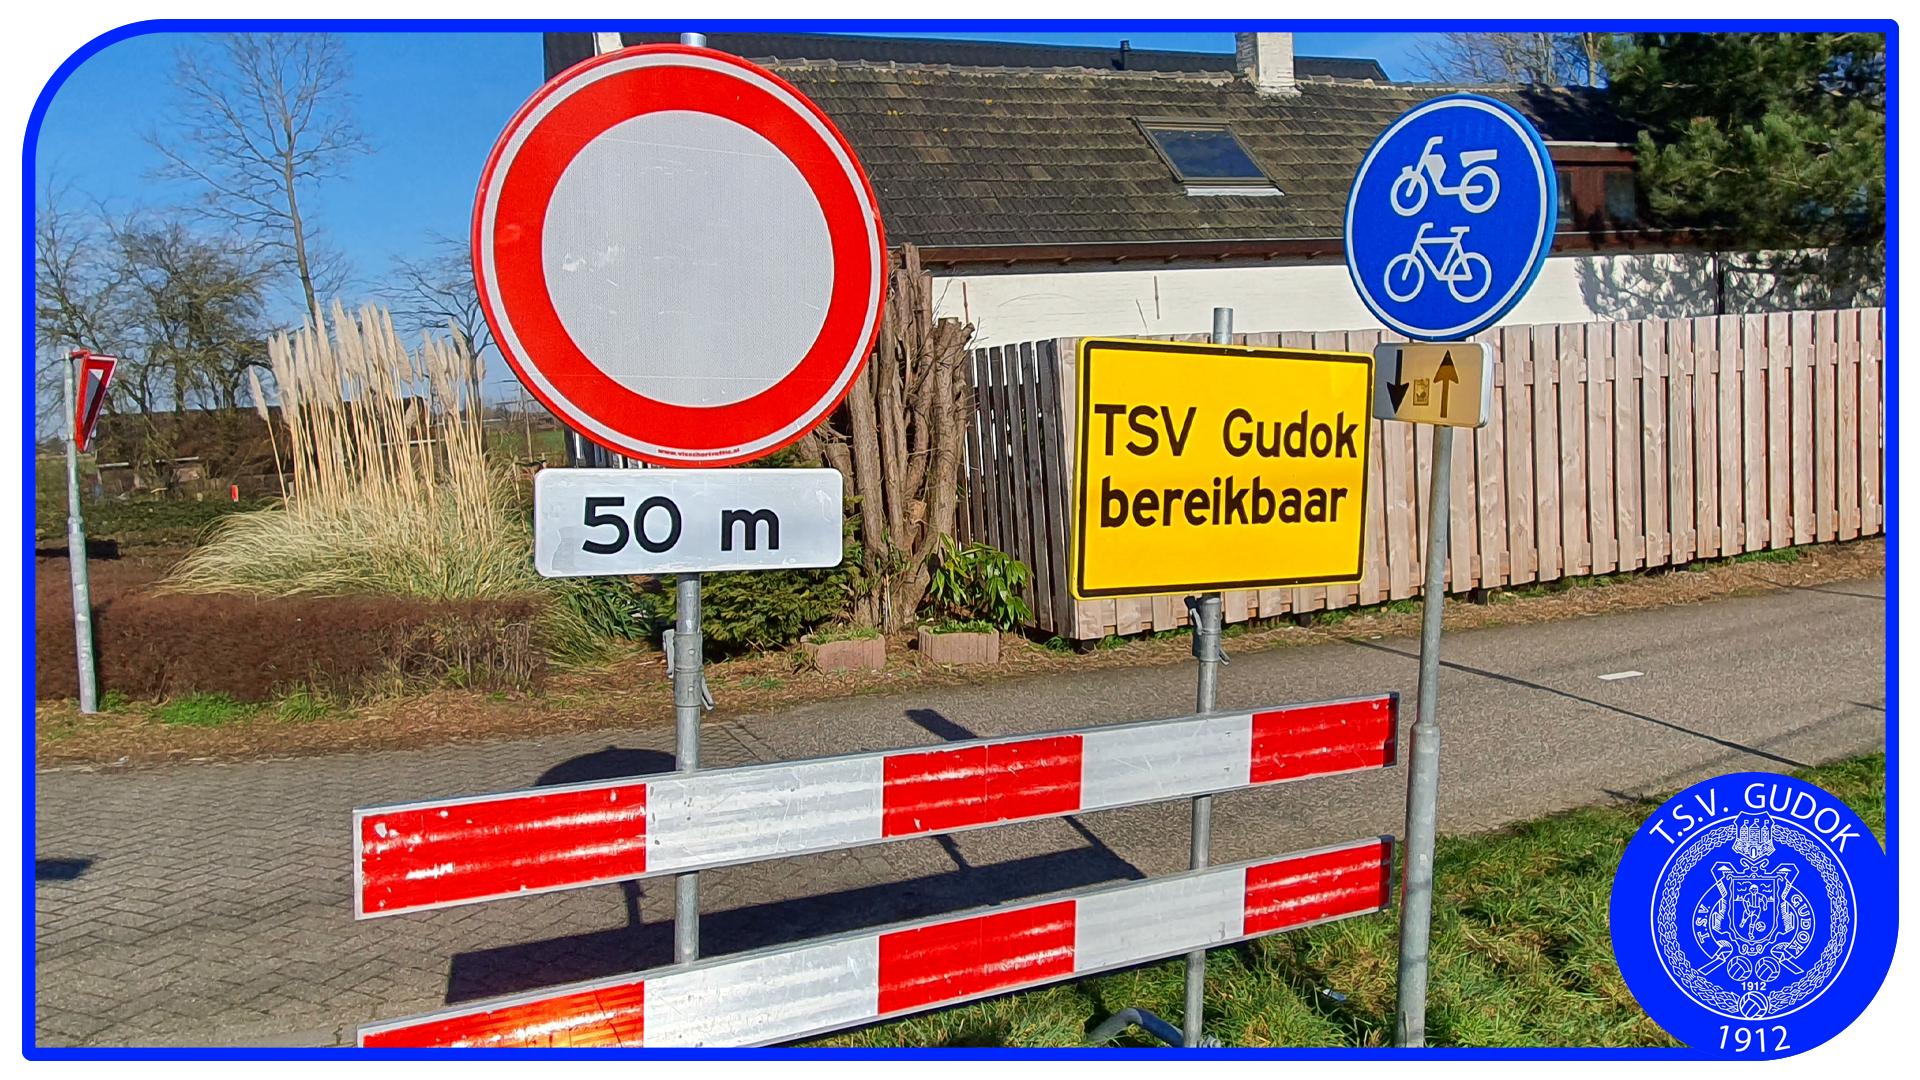 TSV Gudok met auto en fiets moeilijker bereikbaar